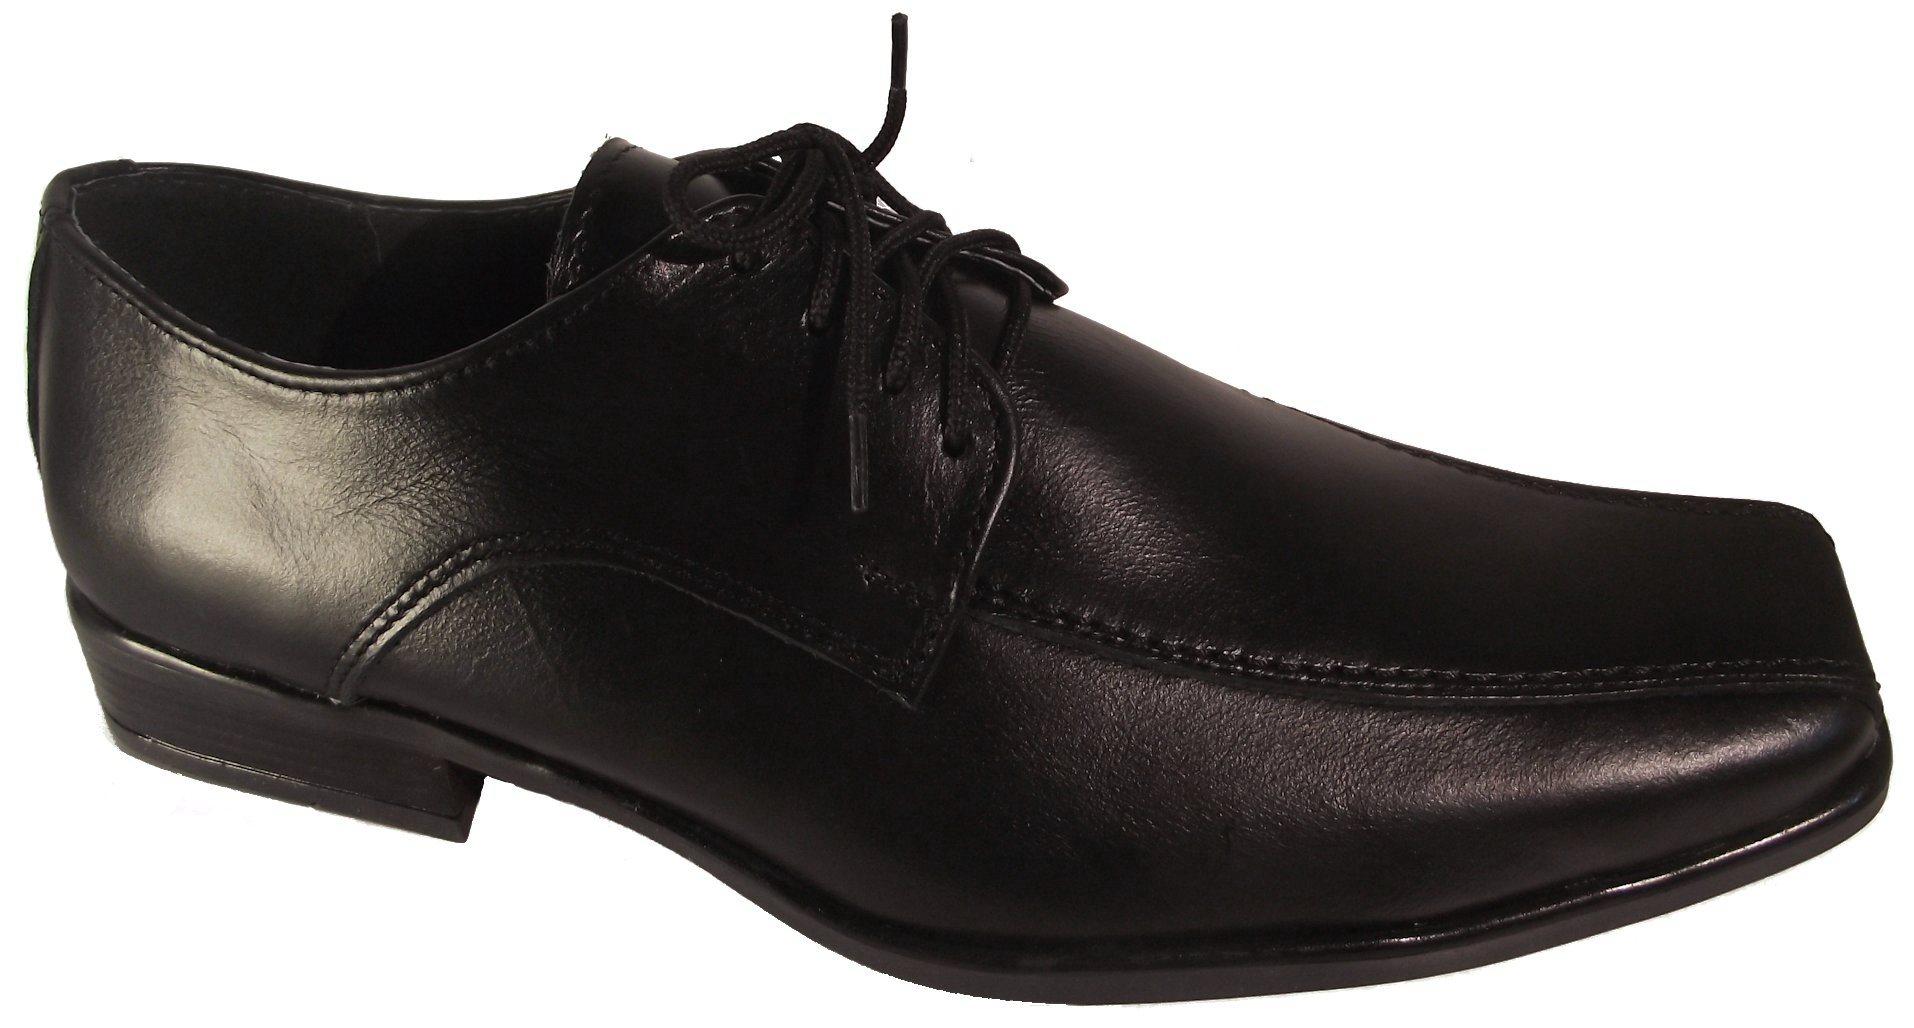 Pánská společenská obuv NES 2061 Velikost: 41 (EU)